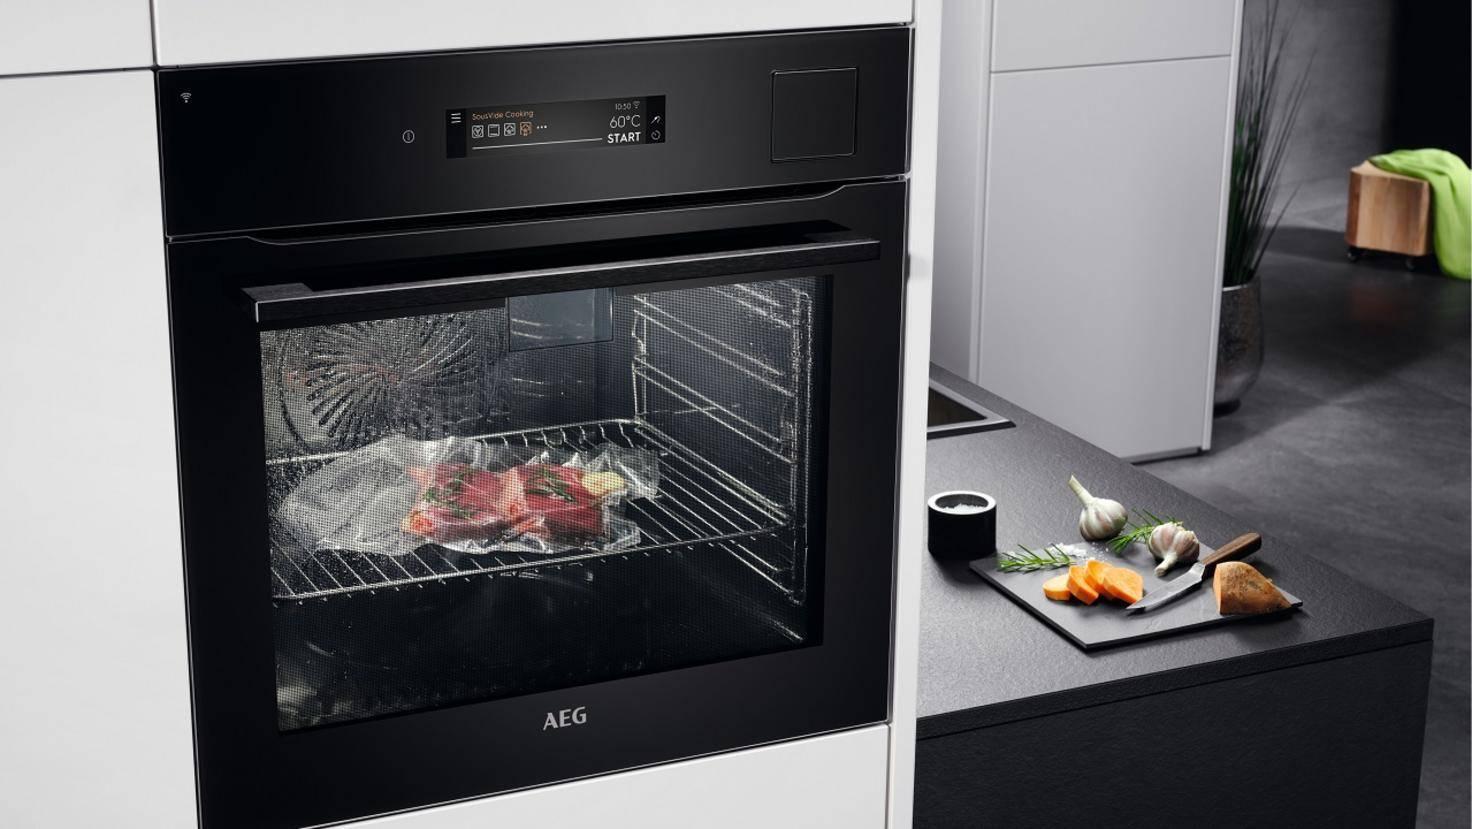 AEG CookView 9000 Ofen mit Fleisch